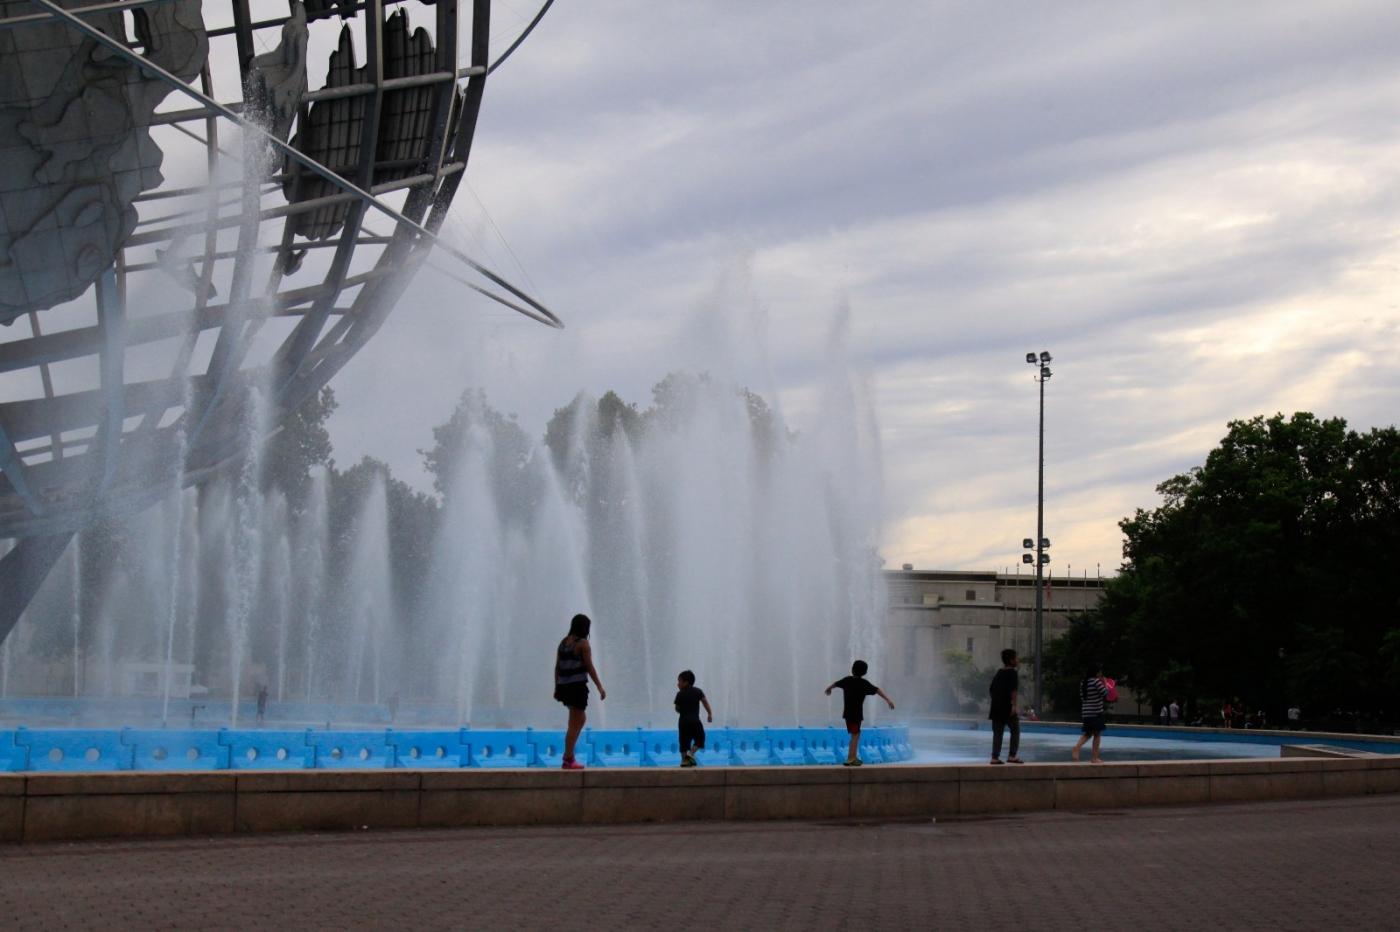 炎夏的可乐娜公园地球仪喷水池,是法拉盛周边居民休闲,娱乐的好地方 ..._图1-2